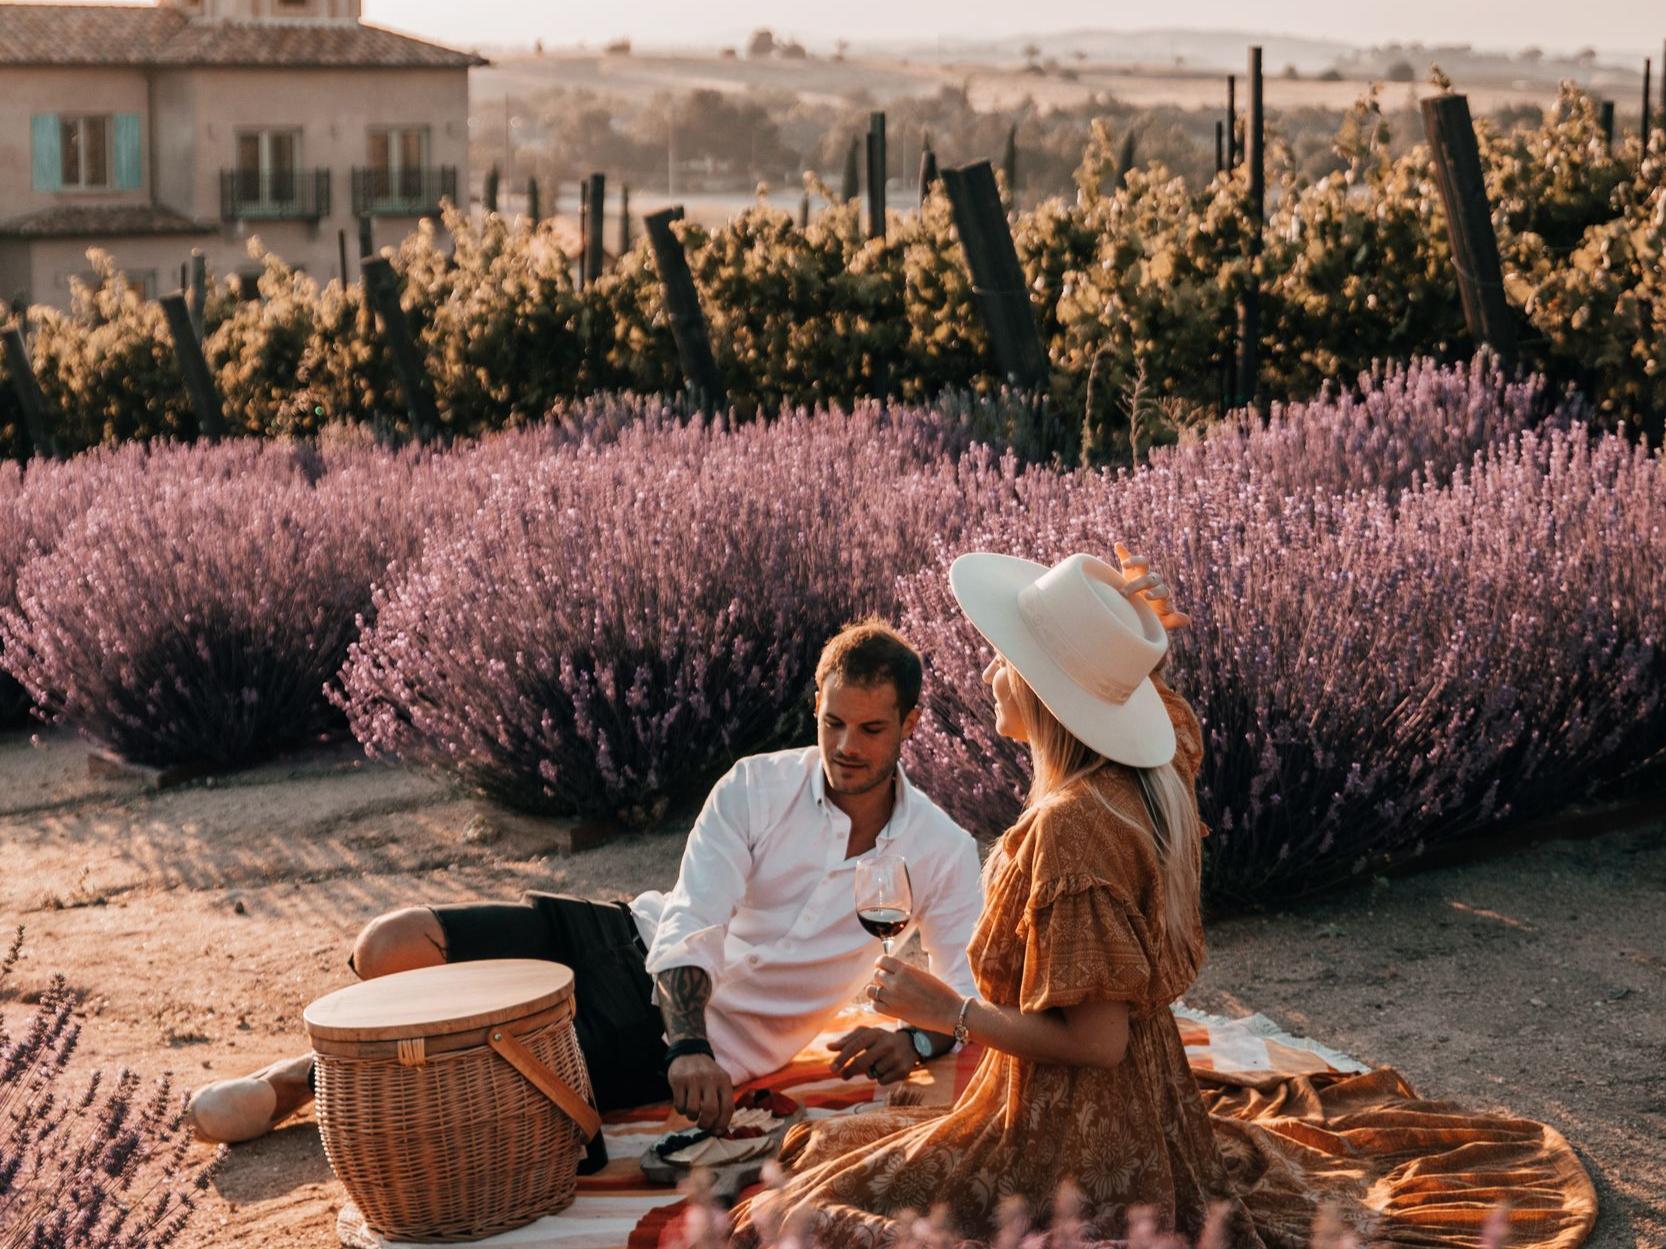 Couple having picnic in lavender field